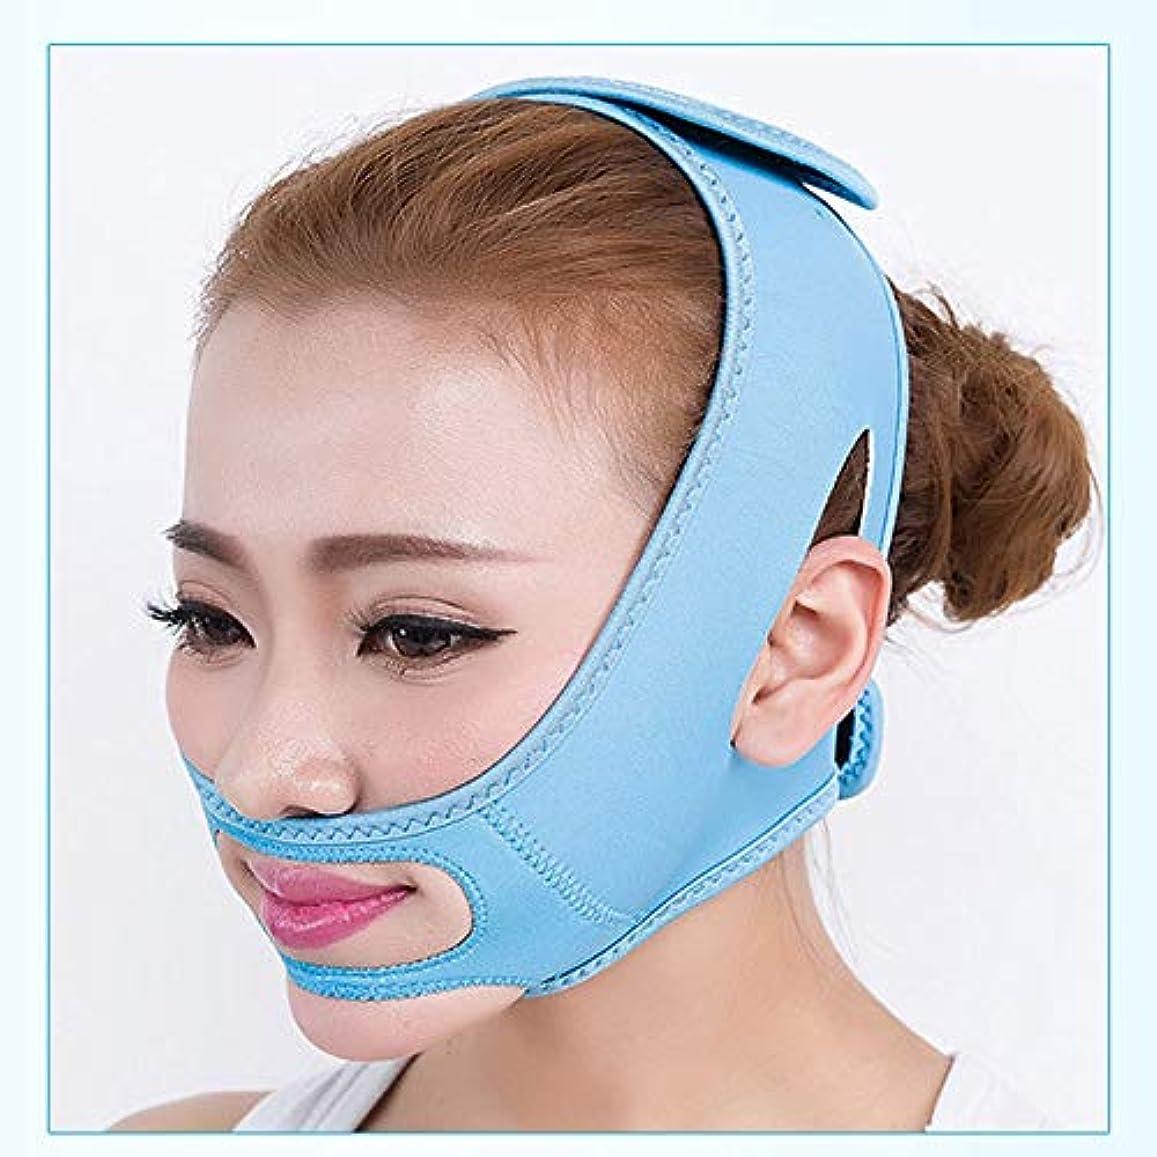 免除多くの危険がある状況やがてスモールVフェイス睡眠薄い顔ベルト、引き締めと薄い顔の強力な持ち上がる二重あご顔修正包帯,Blue